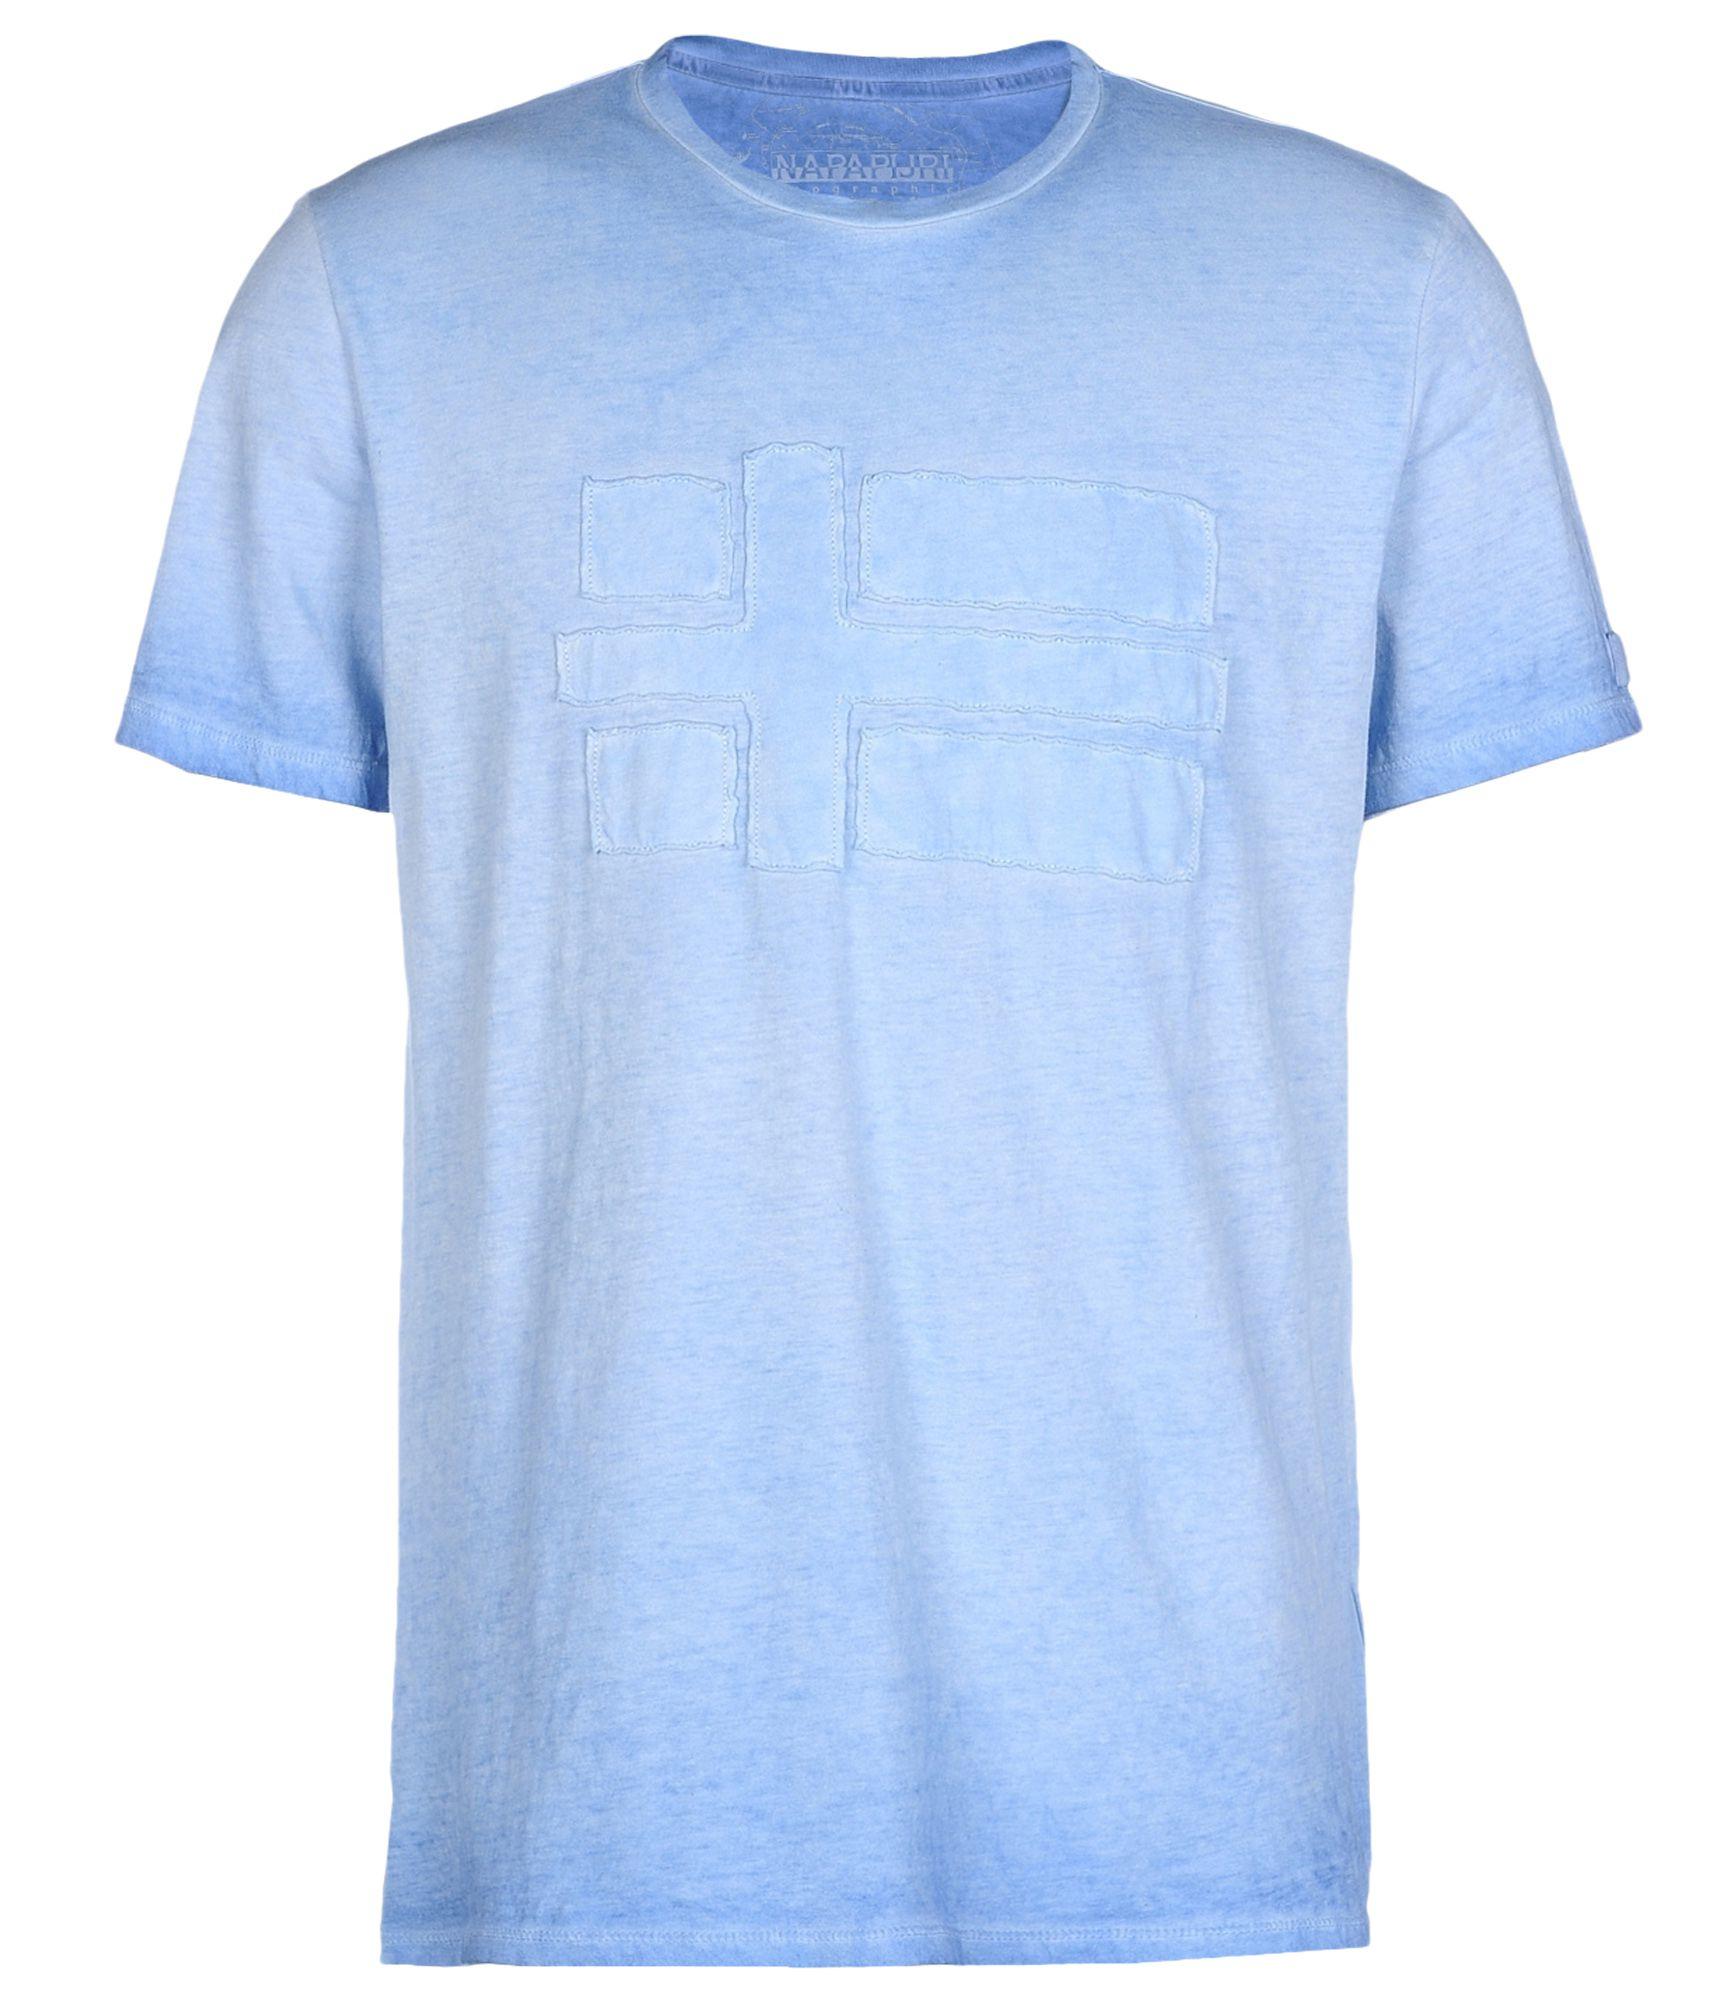 napapijri short sleeve t shirt in blue for men lyst. Black Bedroom Furniture Sets. Home Design Ideas